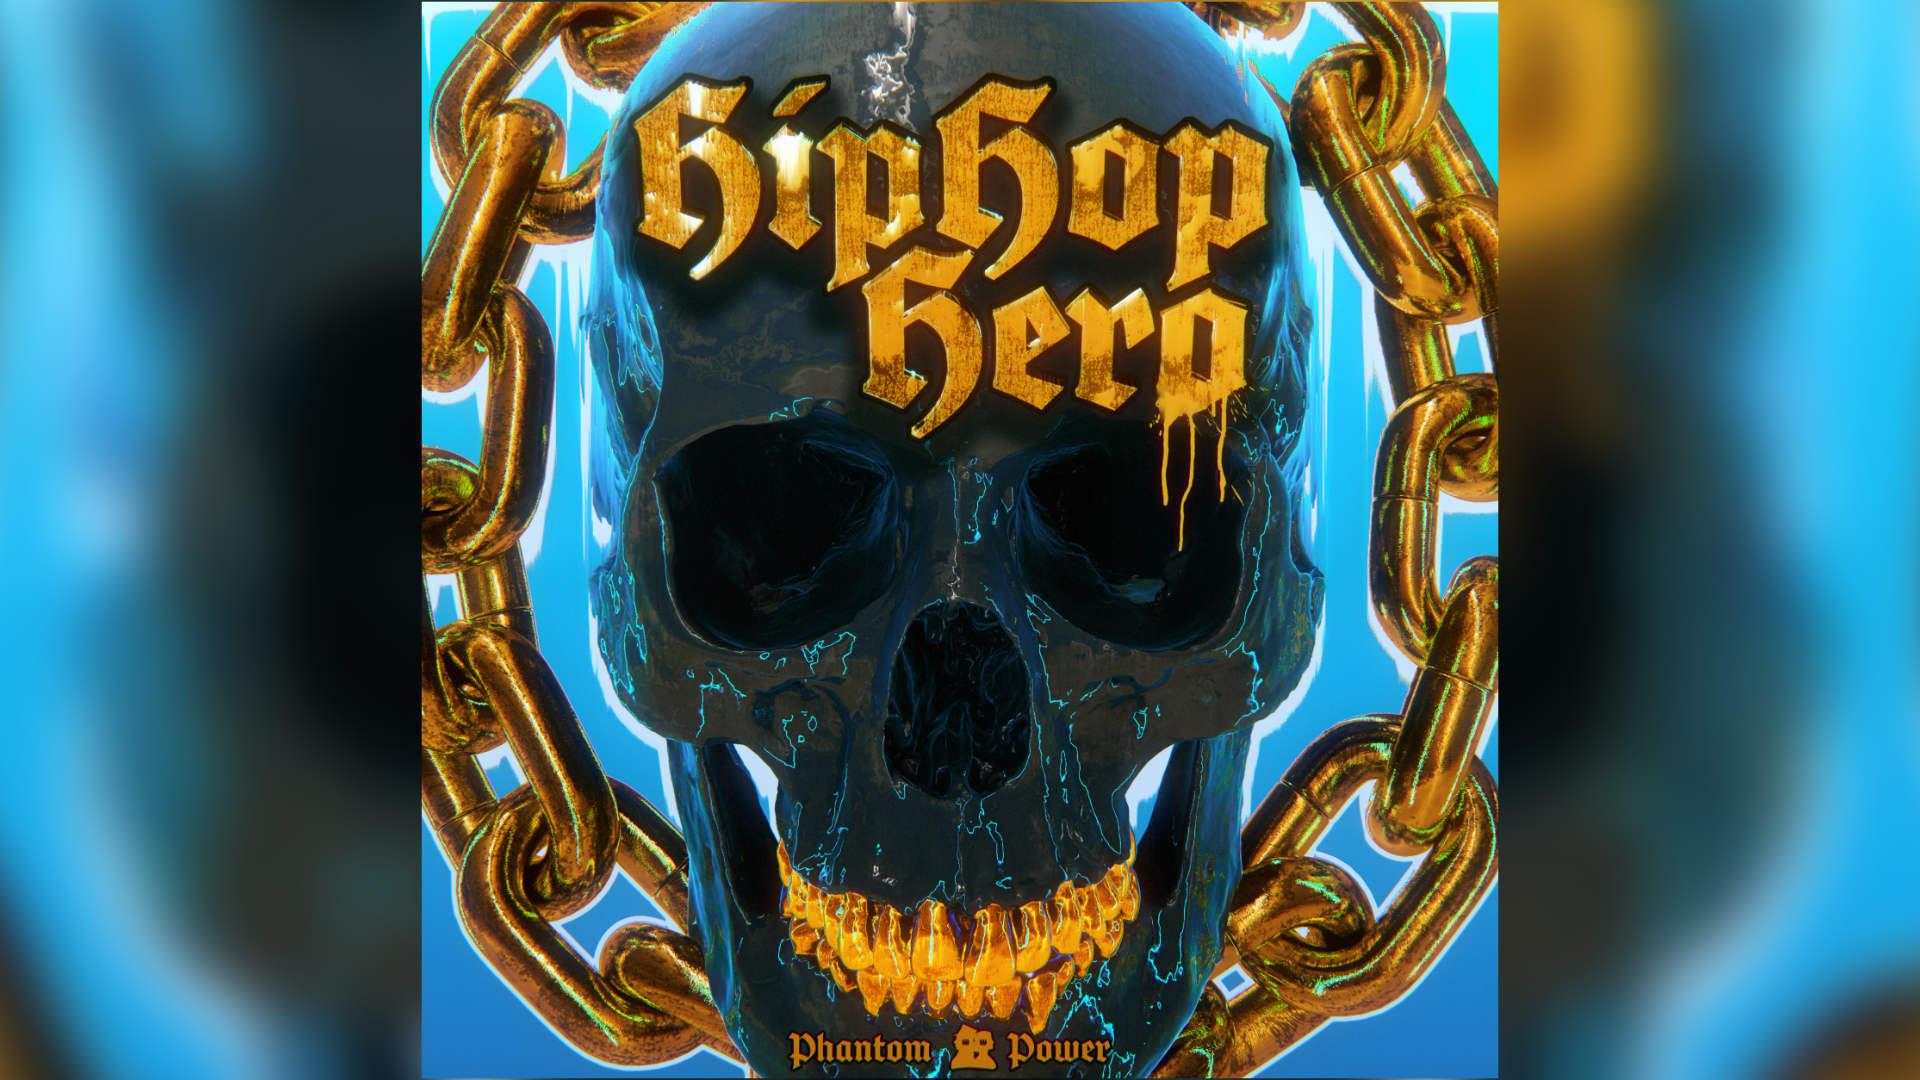 phantom power hip hop hero album